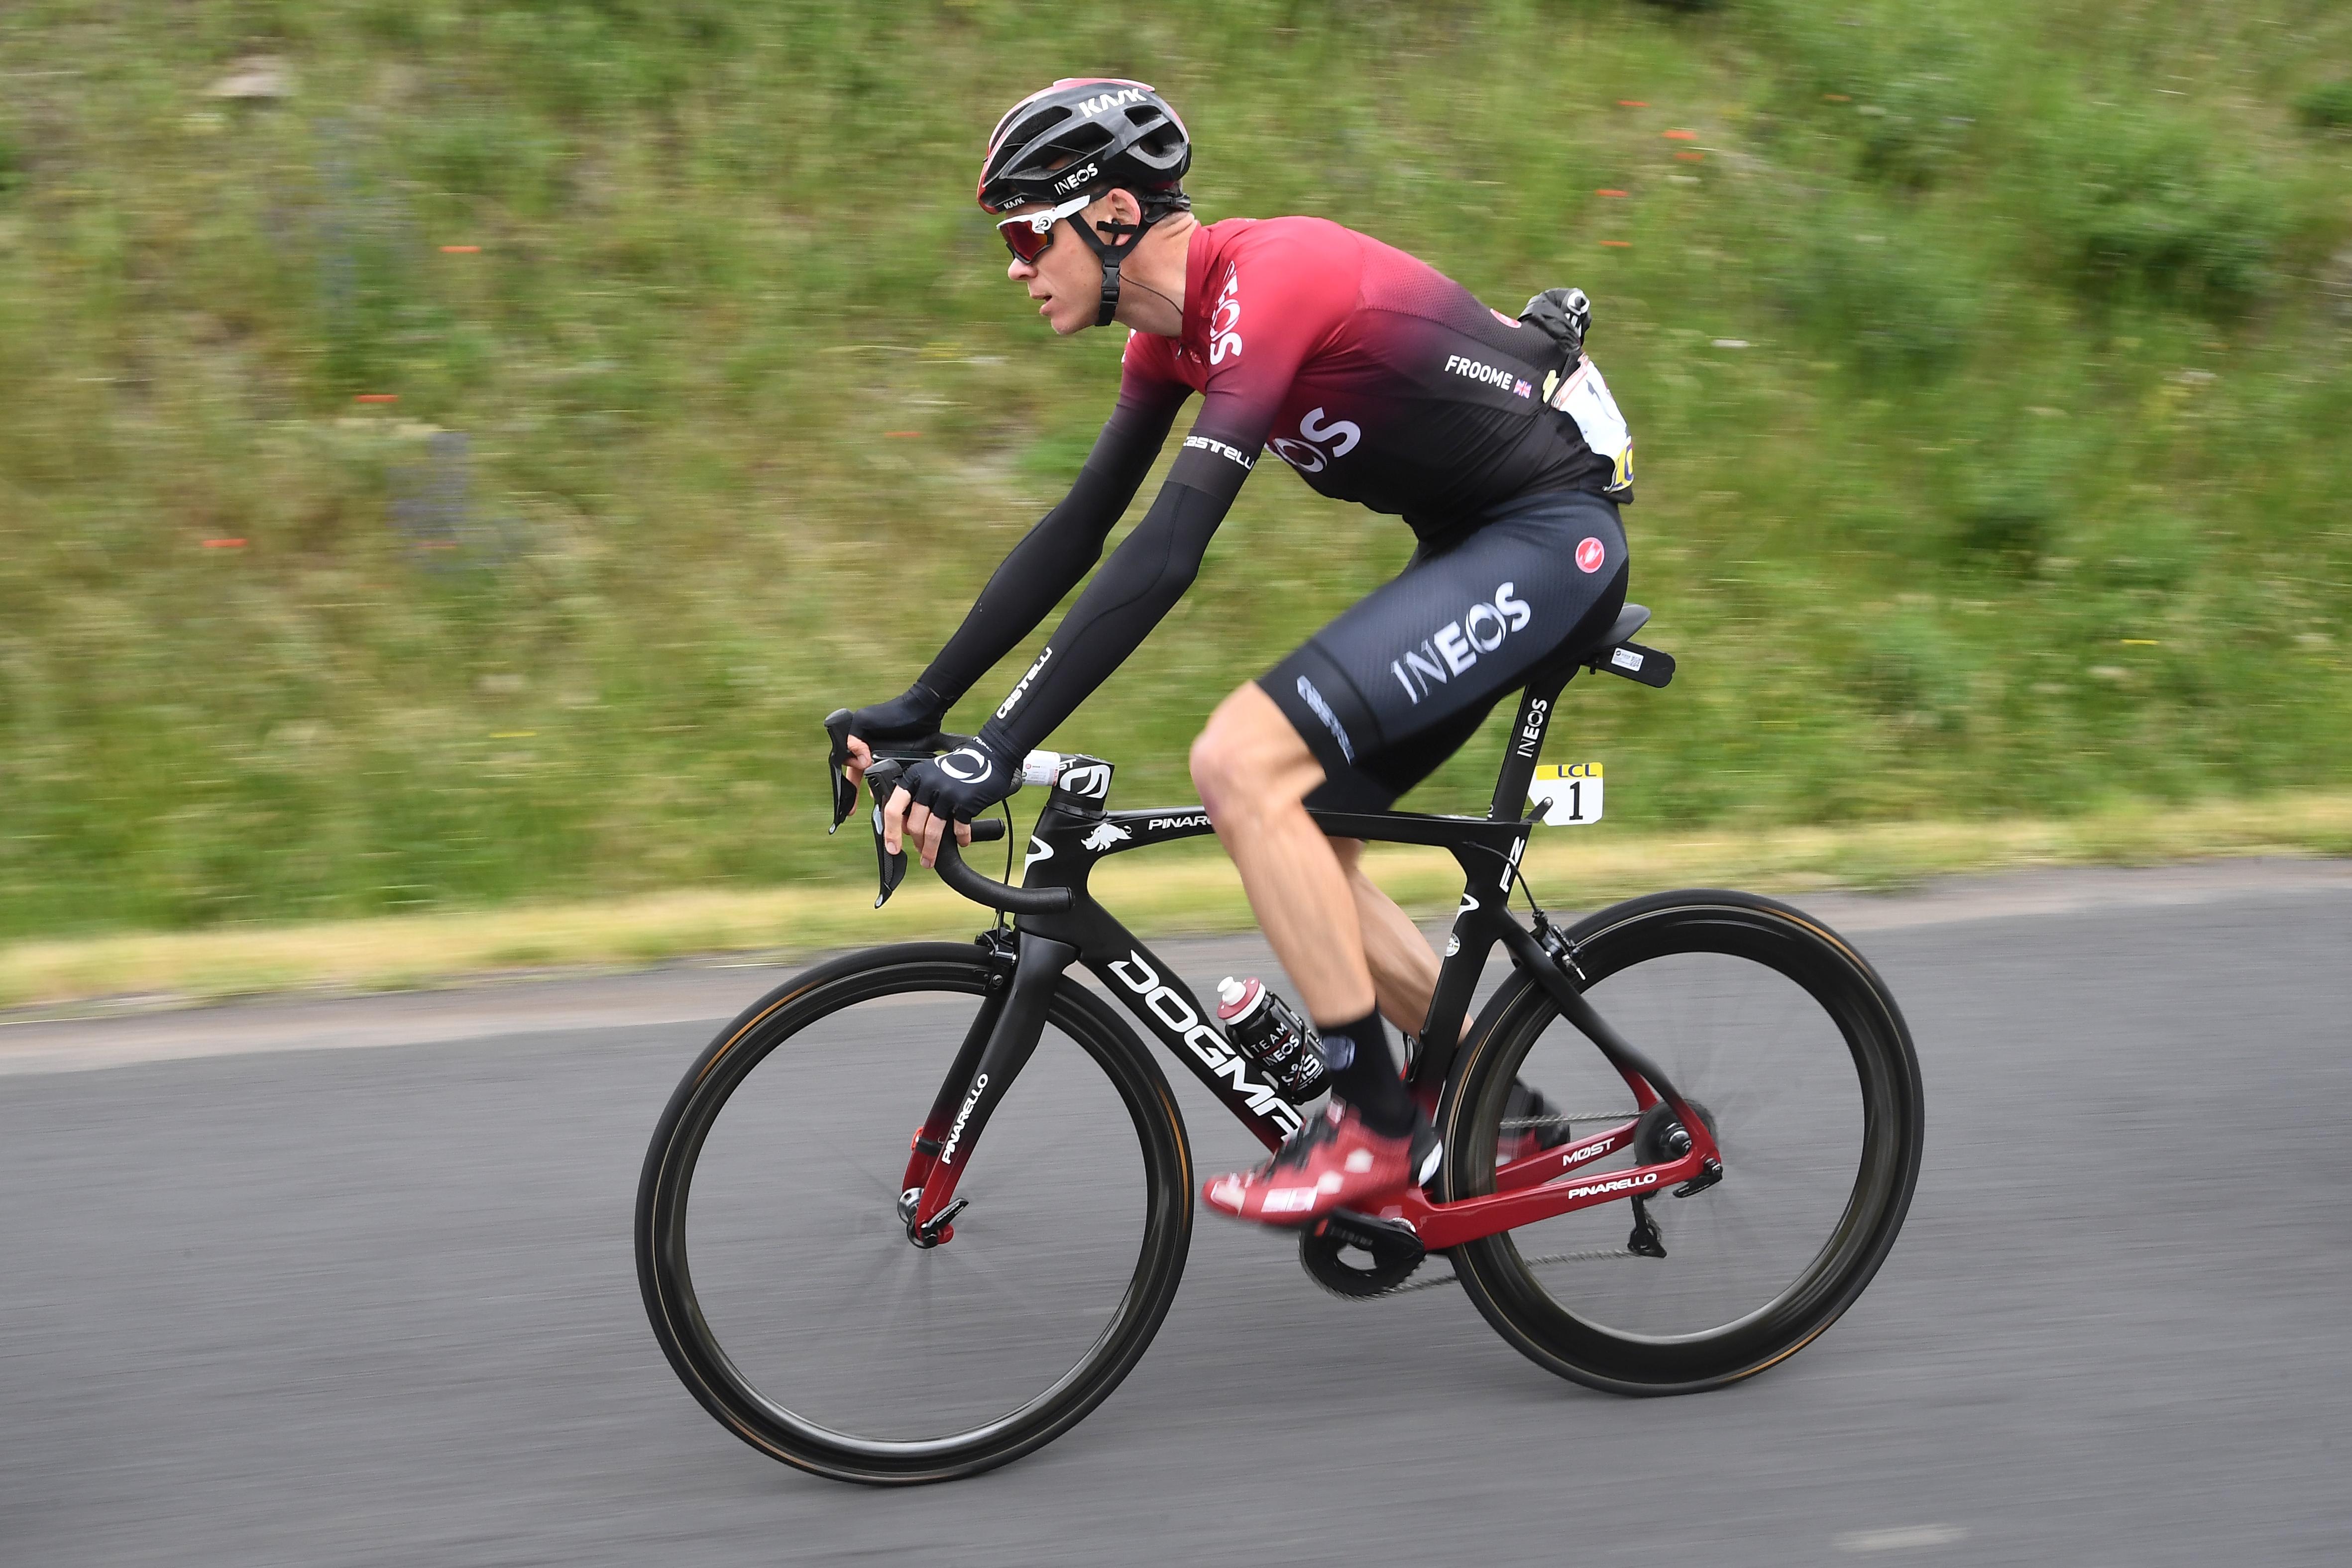 Chris Froome óriásit bukott edzésen, eltört a lába, így nem indul a Tour de France-on